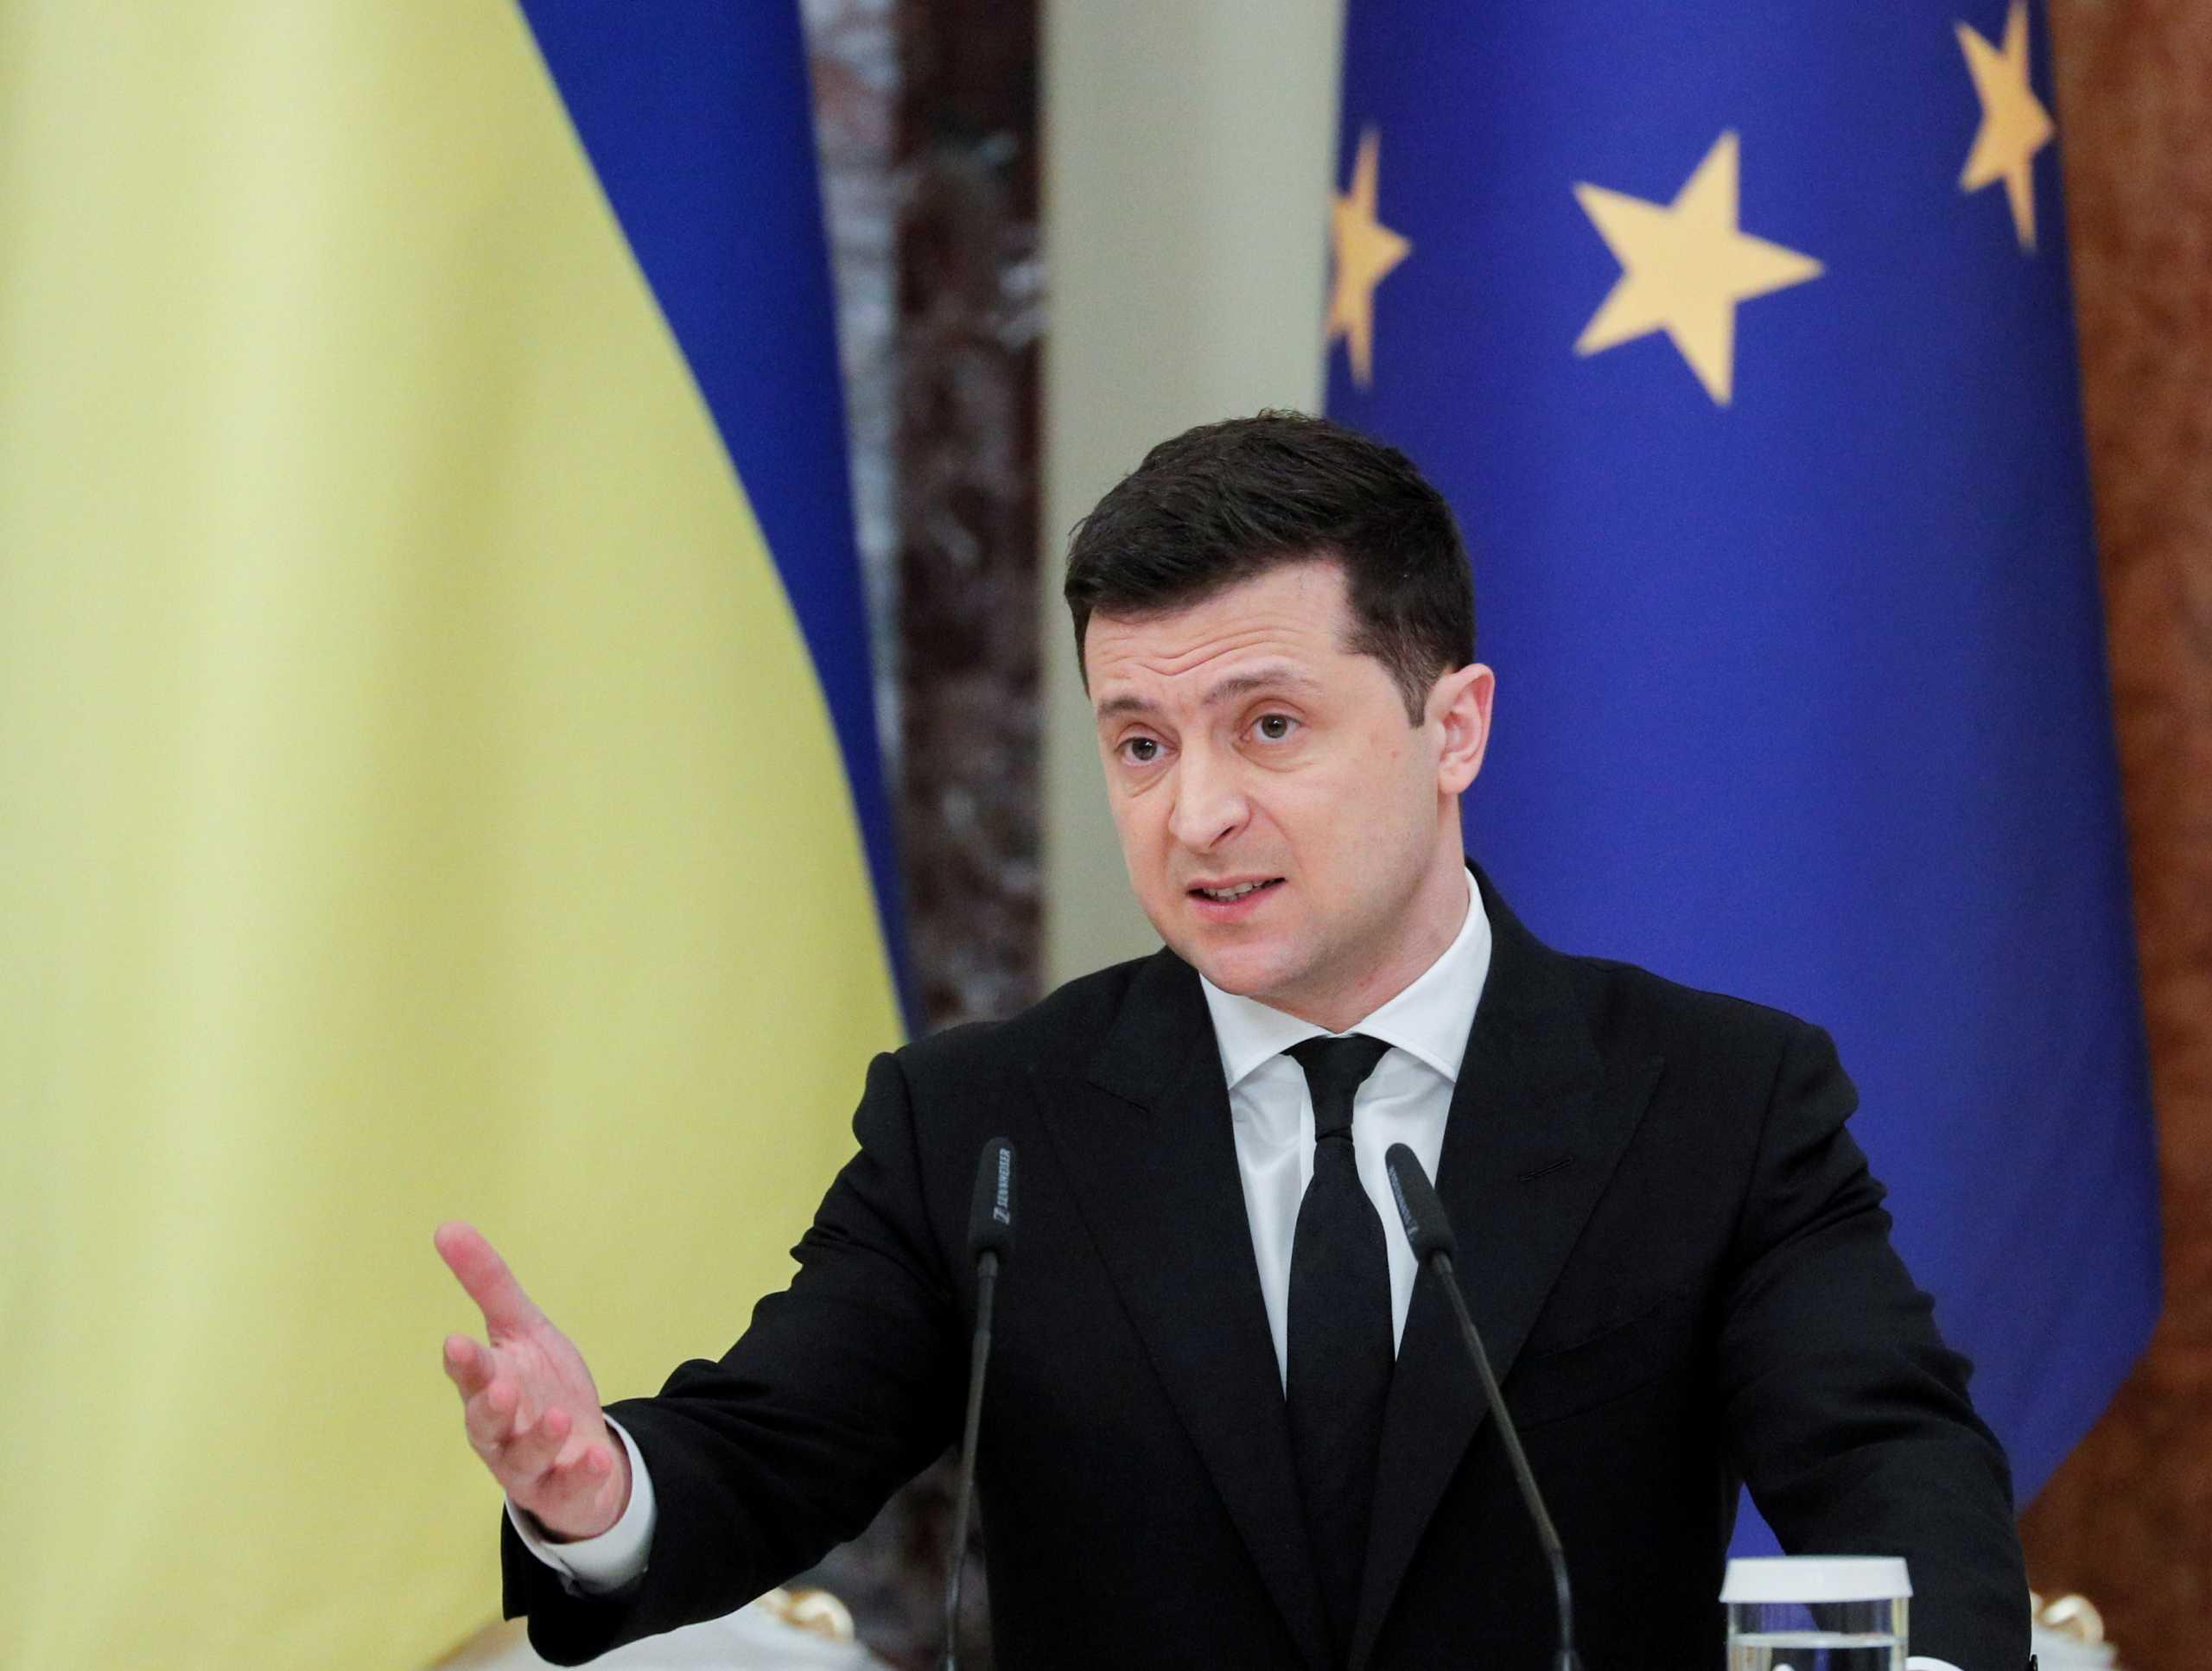 Ξέσπασε ο πρόεδρος της Ουκρανίας ζητώντας την ένταξή της στην ΕΕ και στο ΝΑΤΟ